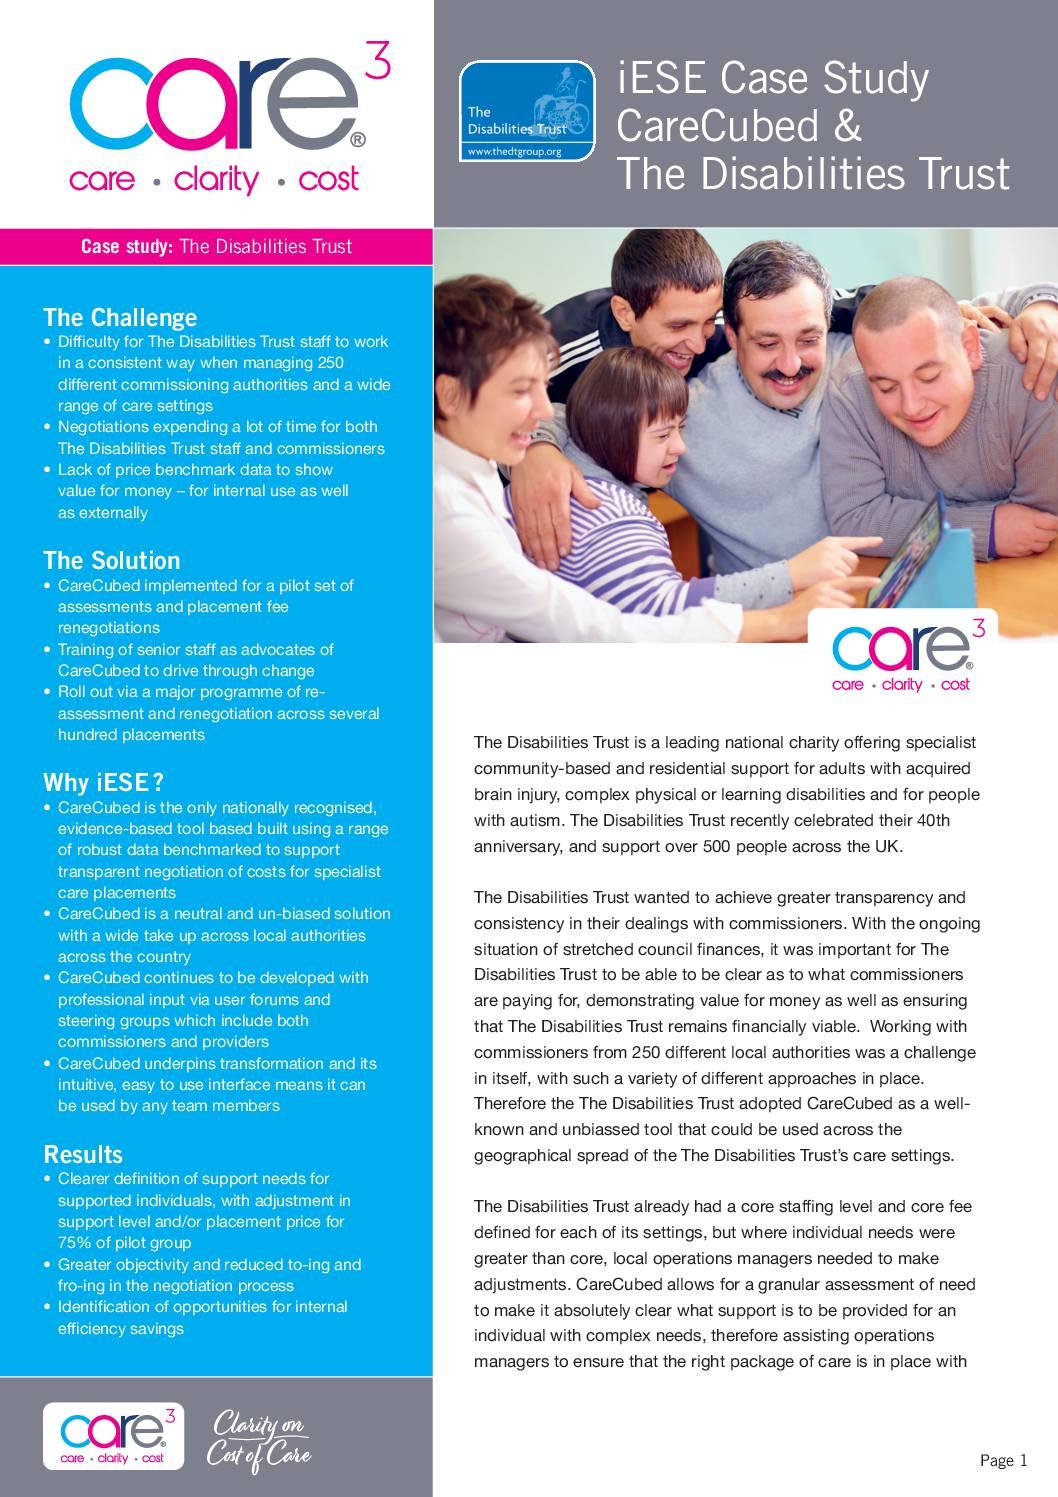 Care Provider Cost Clarity